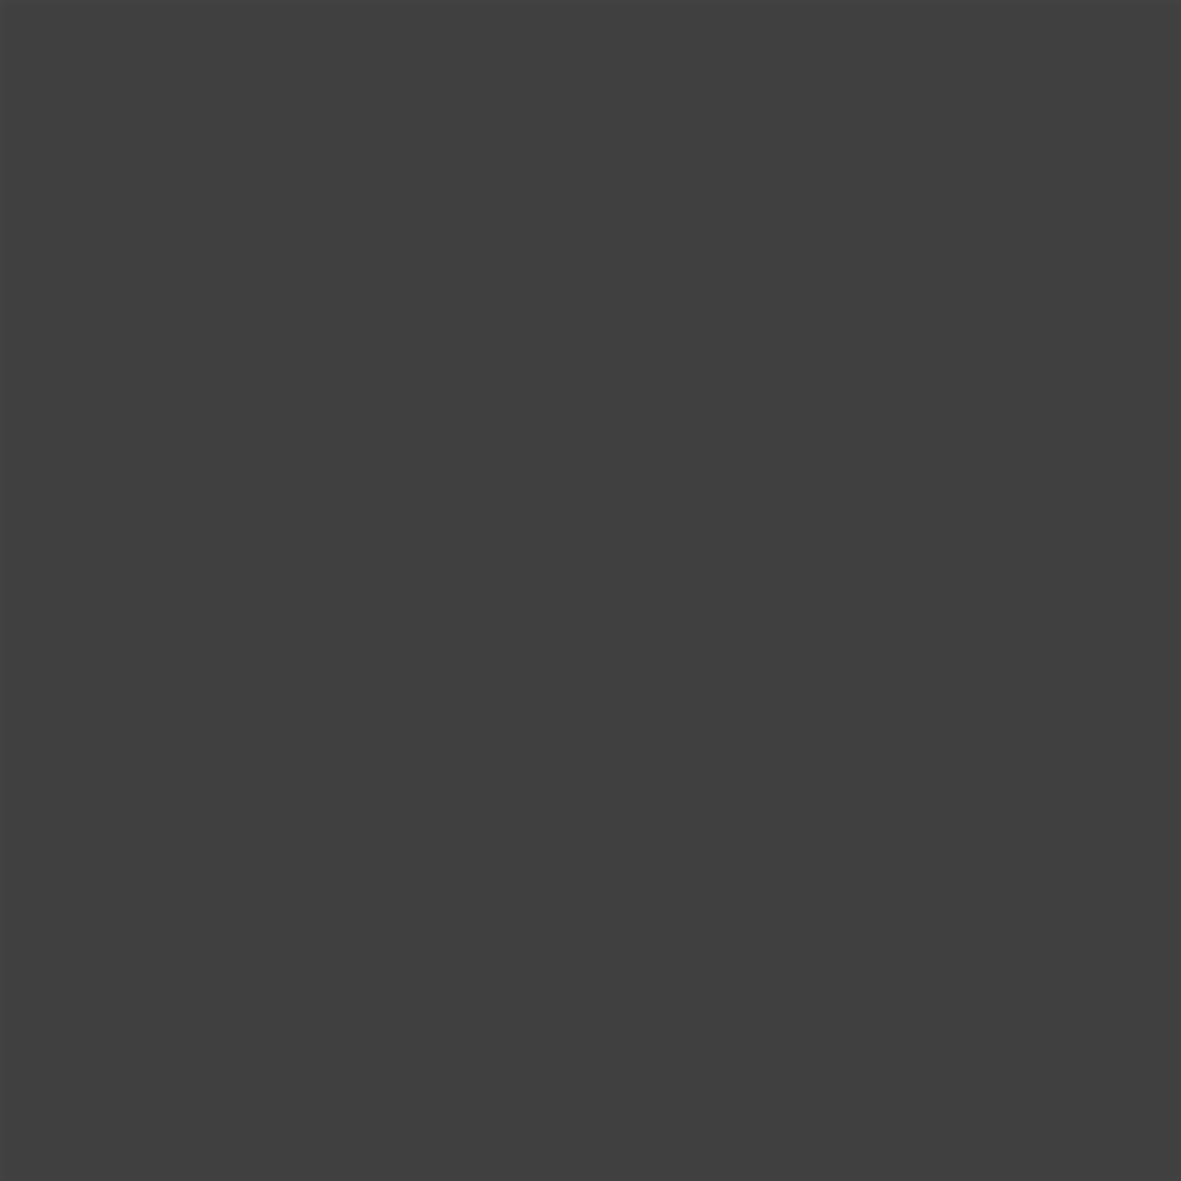 Stage - Dark Grey